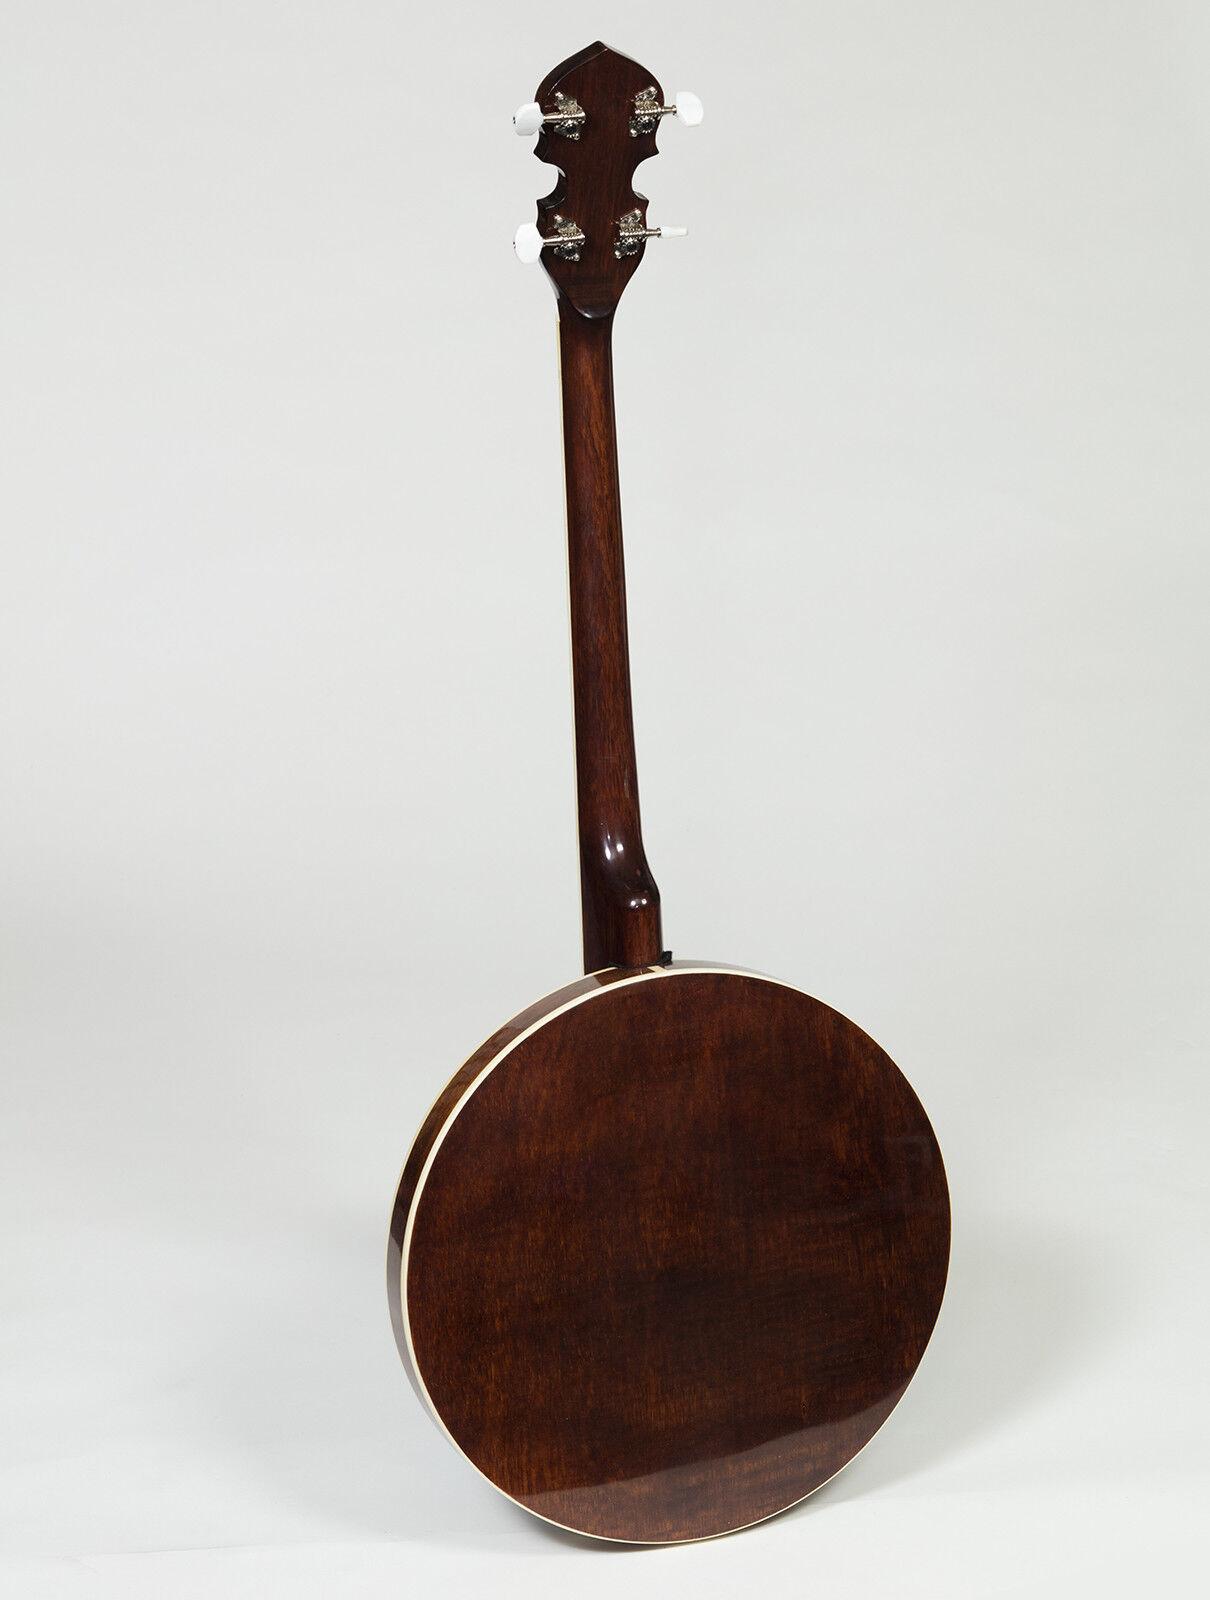 New Heartland Banjo, 5 String Banjo, 4 String tenor Banjo, Tenor Banjo With Case